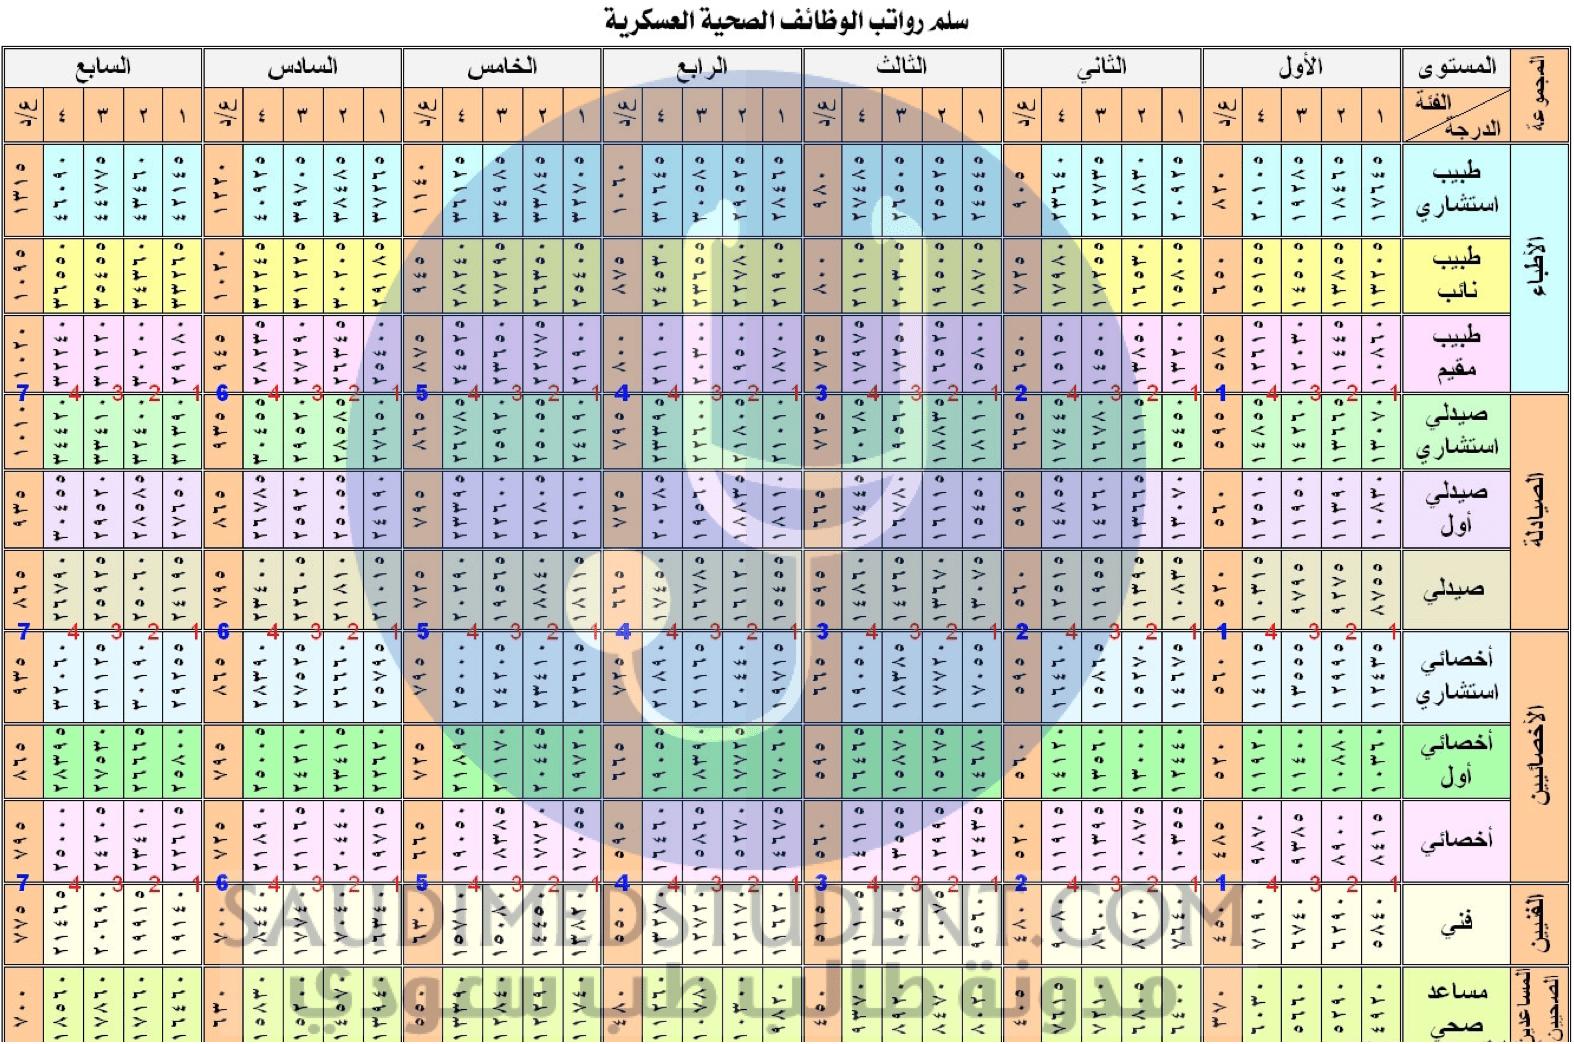 كم راتب الطبيب السعودي و سلم رواتب الأطباء و الصحيين مدونة طالب طب